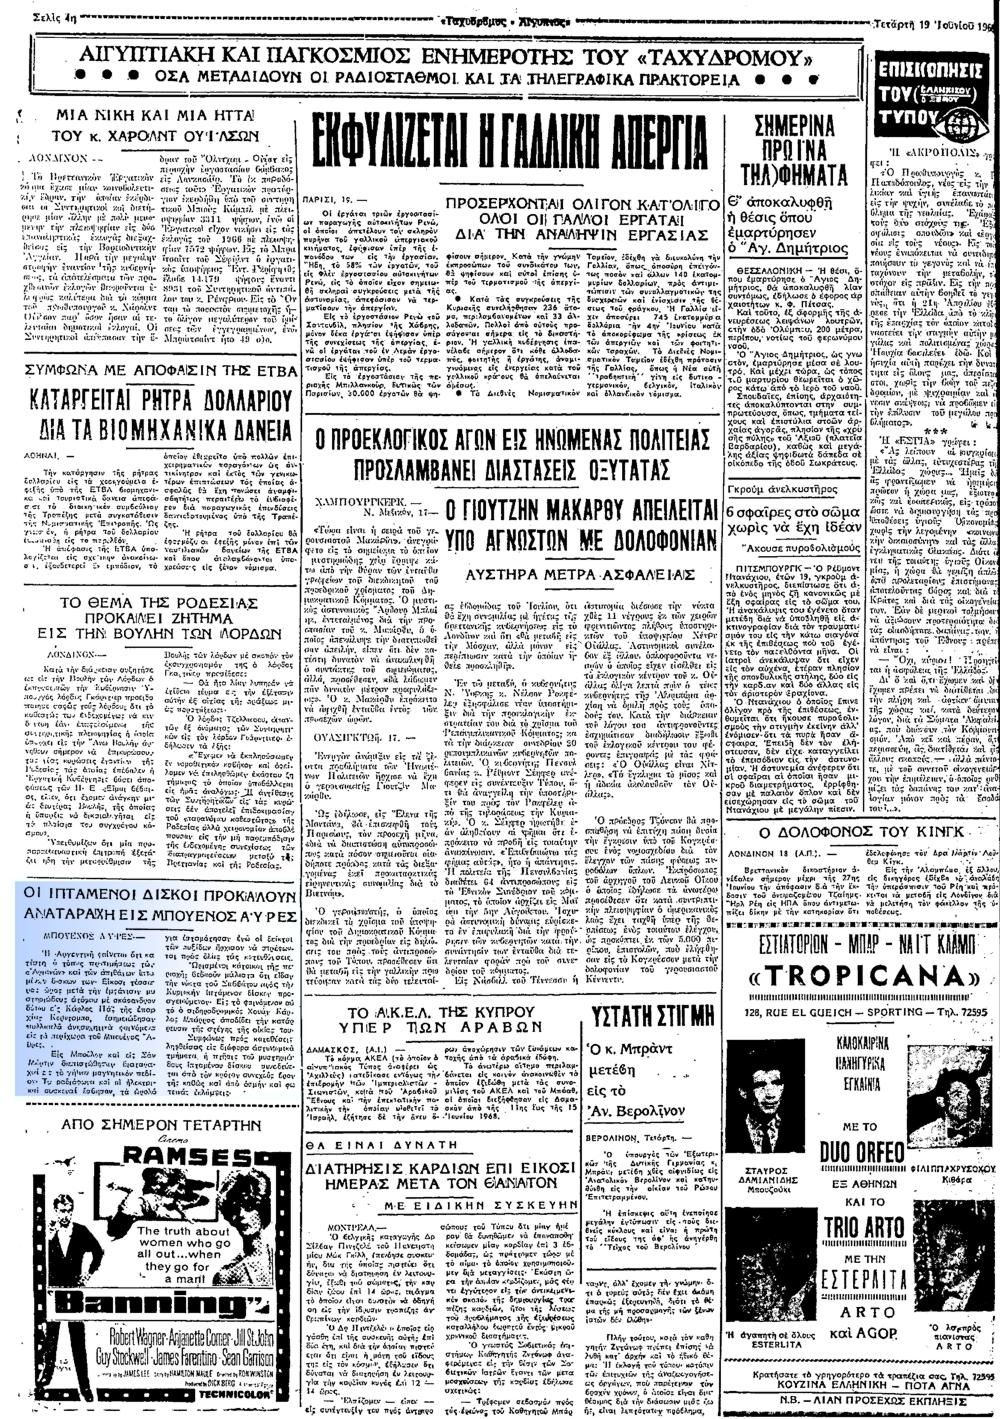 """Το άρθρο, όπως δημοσιεύθηκε στην εφημερίδα """"ΤΑΧΥΔΡΟΜΟΣ"""", στις 19/06/1968"""